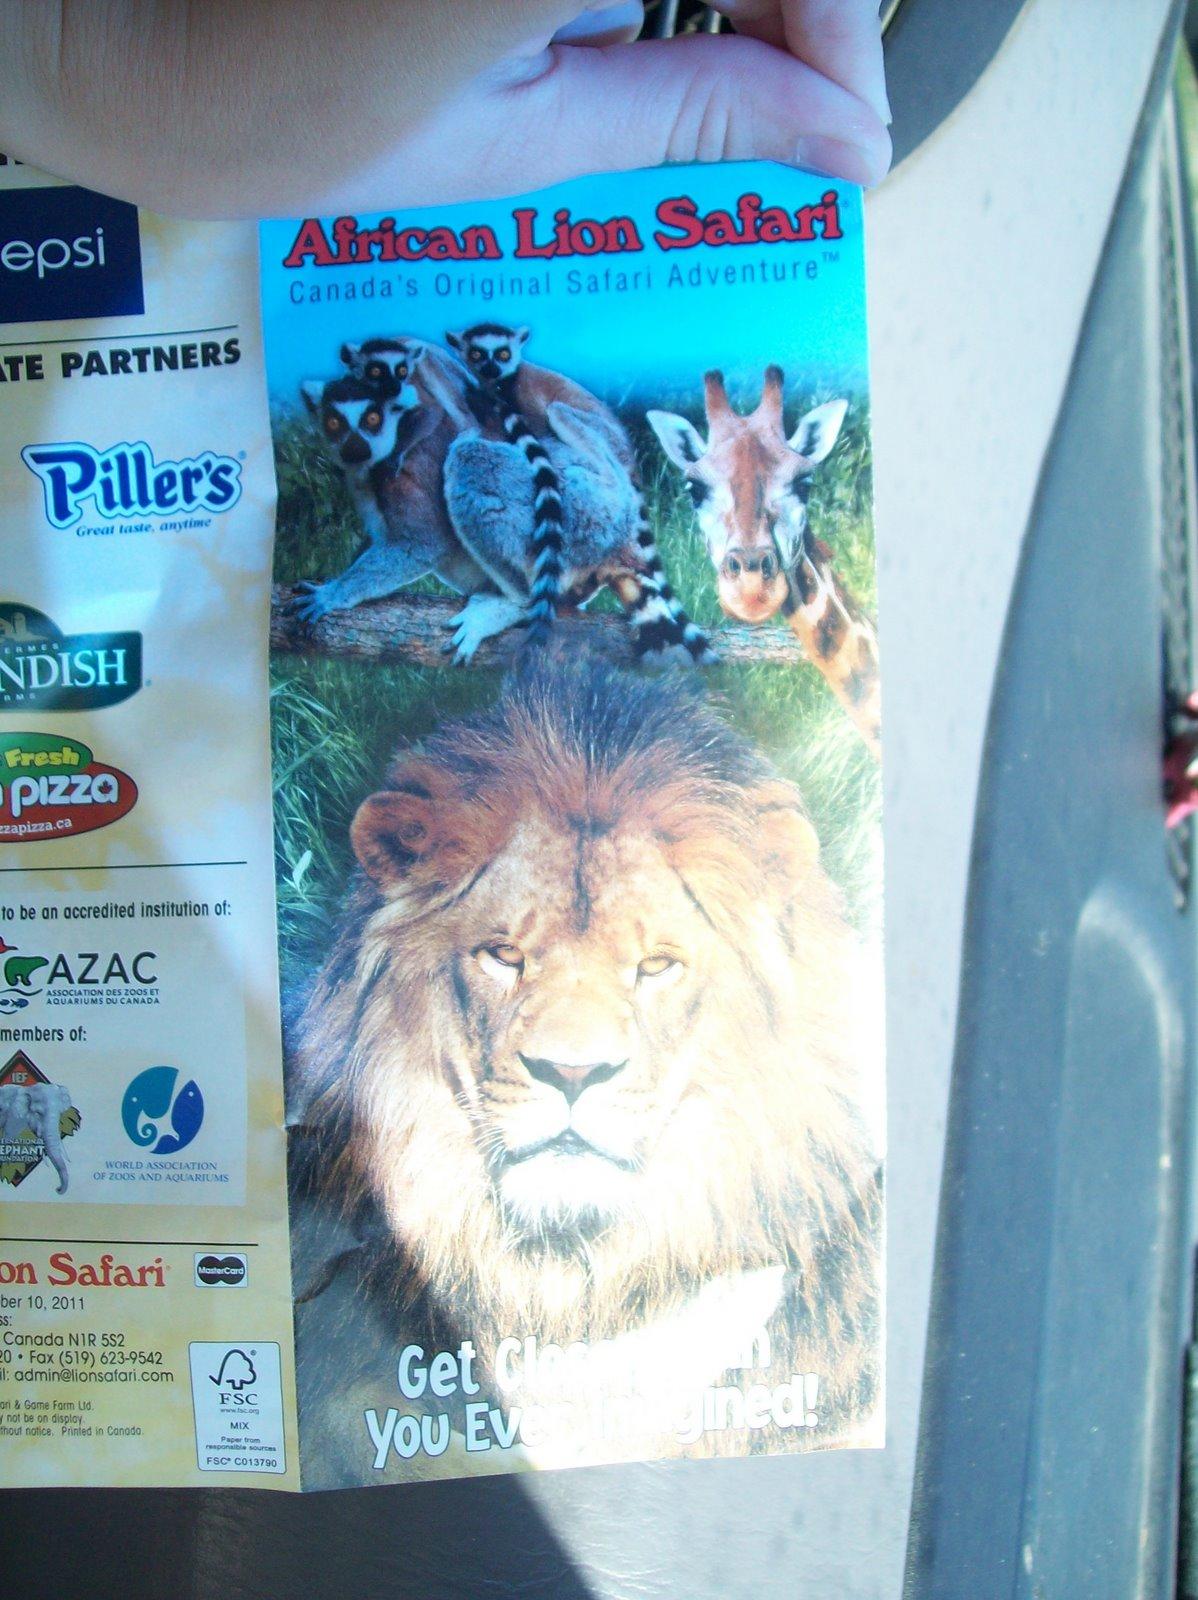 African lion safari coupons 2019